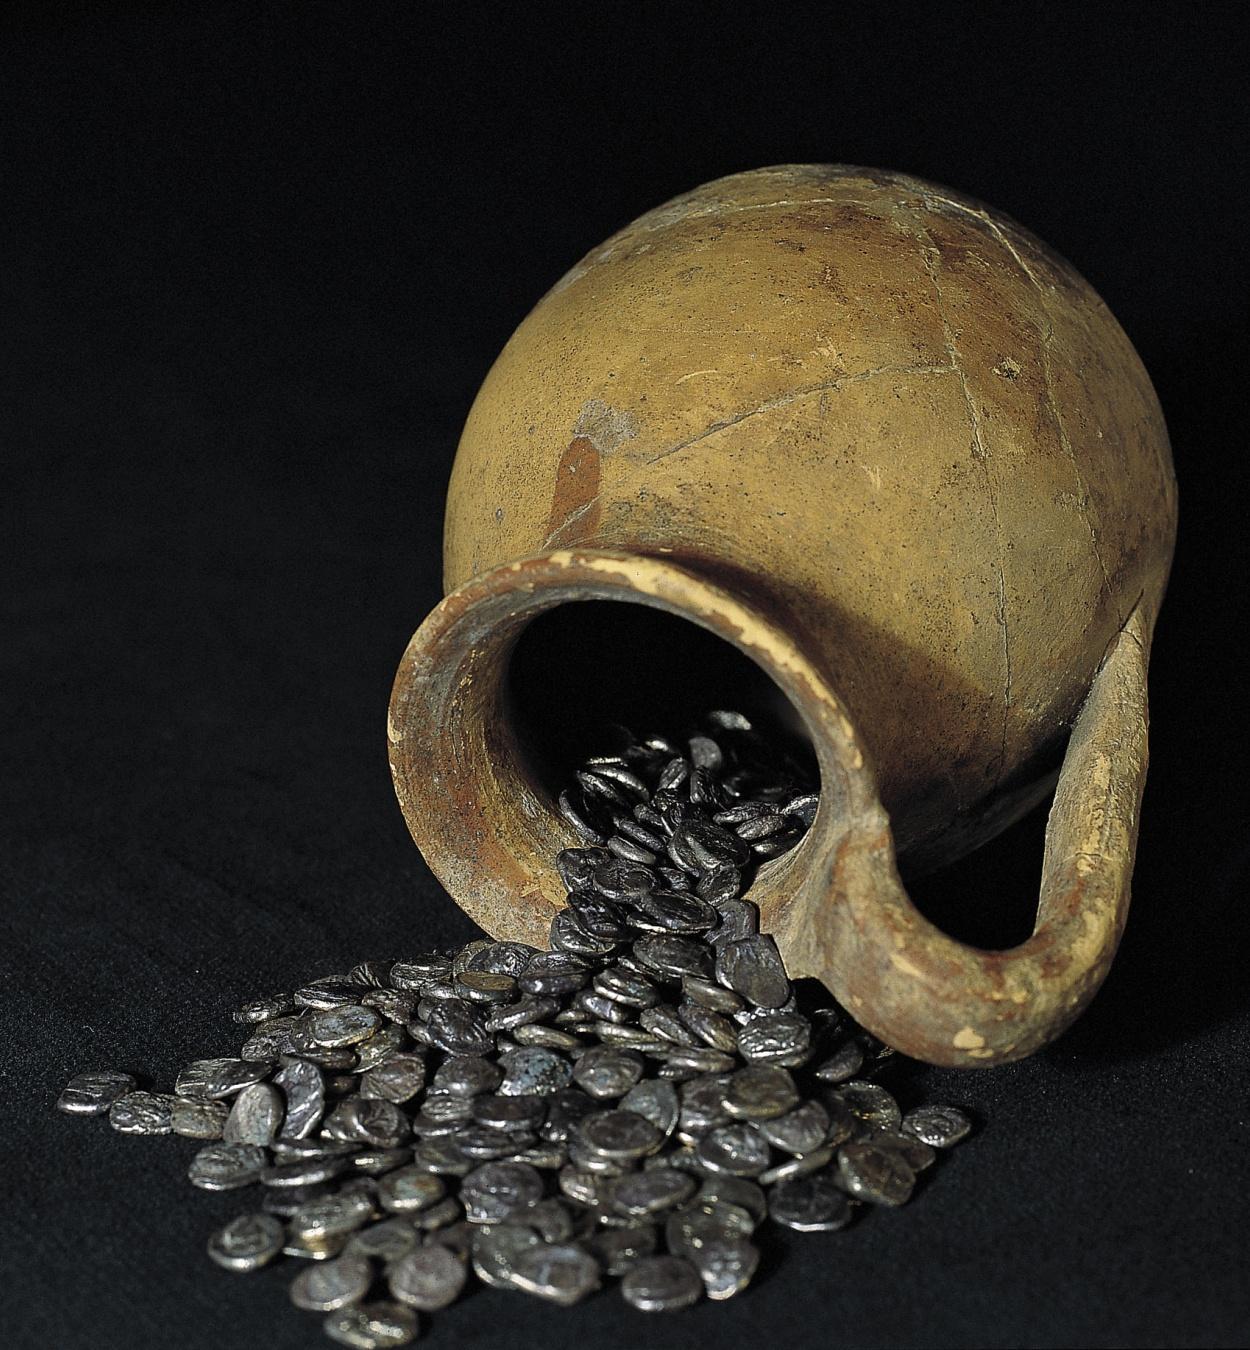 Diverses autoritats - Tresor de la neàpoli d'Empúries - 395-375 aC